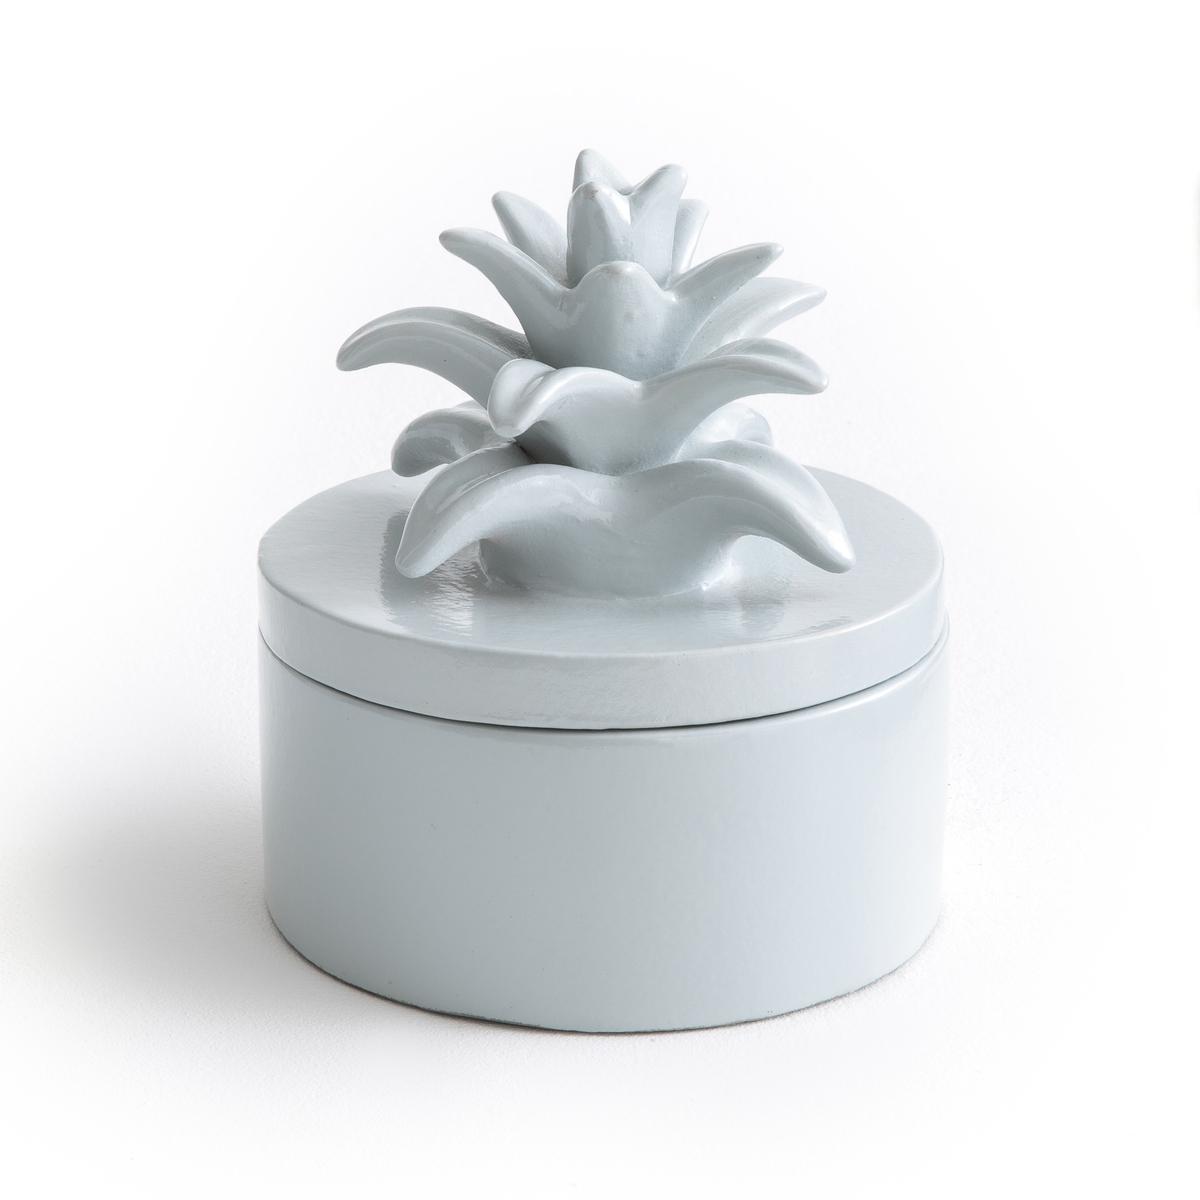 Коробка с крышкой в форме ананаса из керамики LOUPIA freego портативная герметическая коробка мыла пластмассы с крышкой